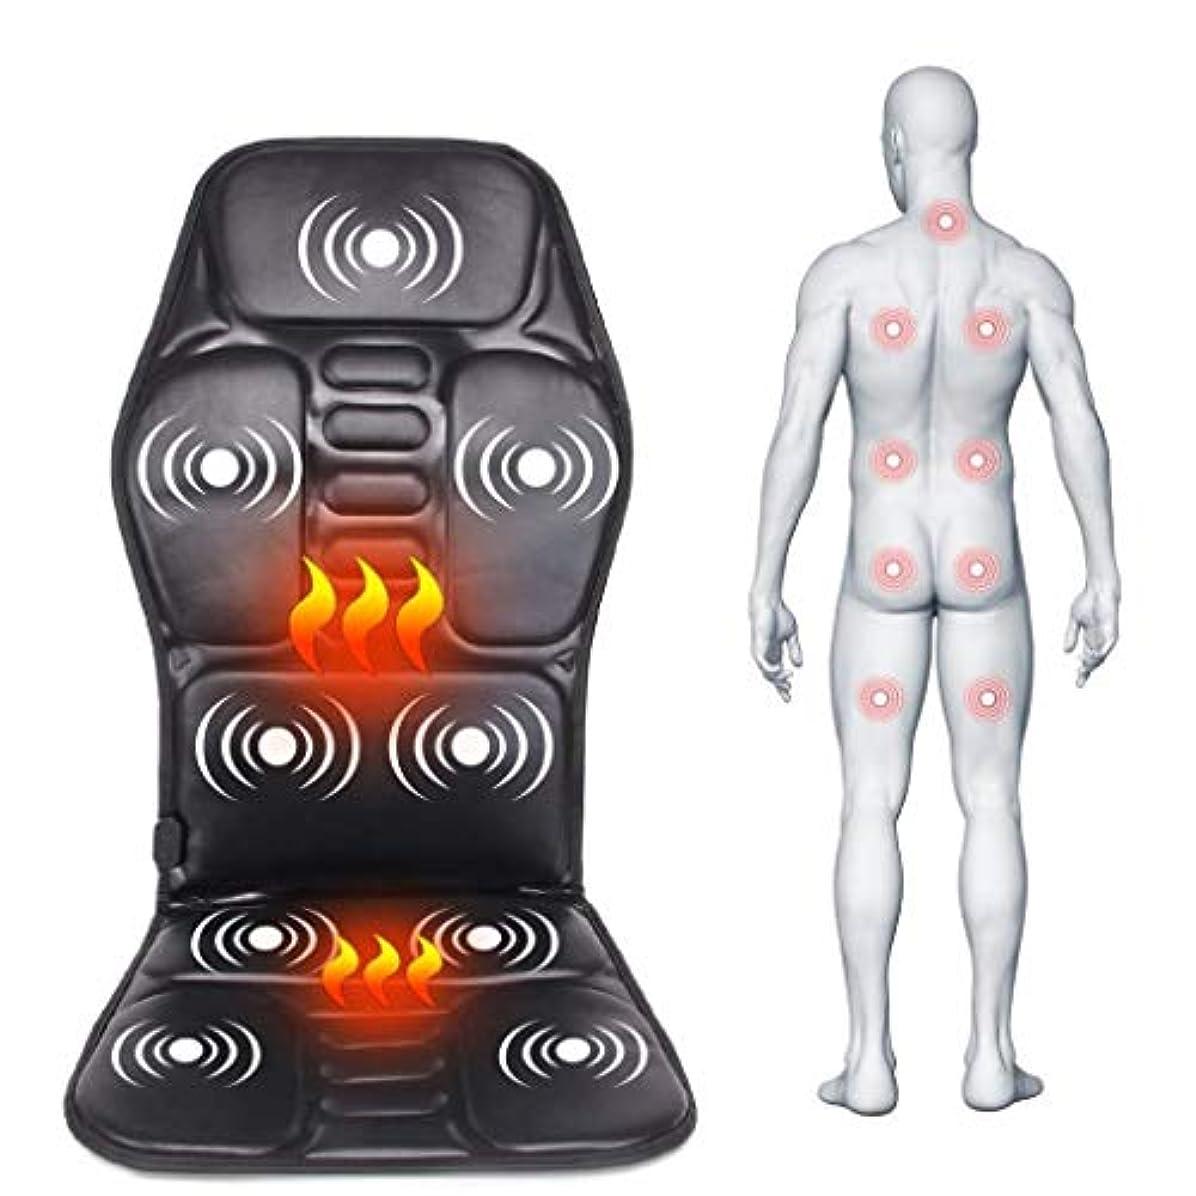 移民分離する暴力的なマッサージクッション、電動ポータブル暖房/振動/マッサージ、カー/ホーム/オフィスでの使用、腰と首の痛みを和らげるには、血液循環を促進、疲労を和らげます